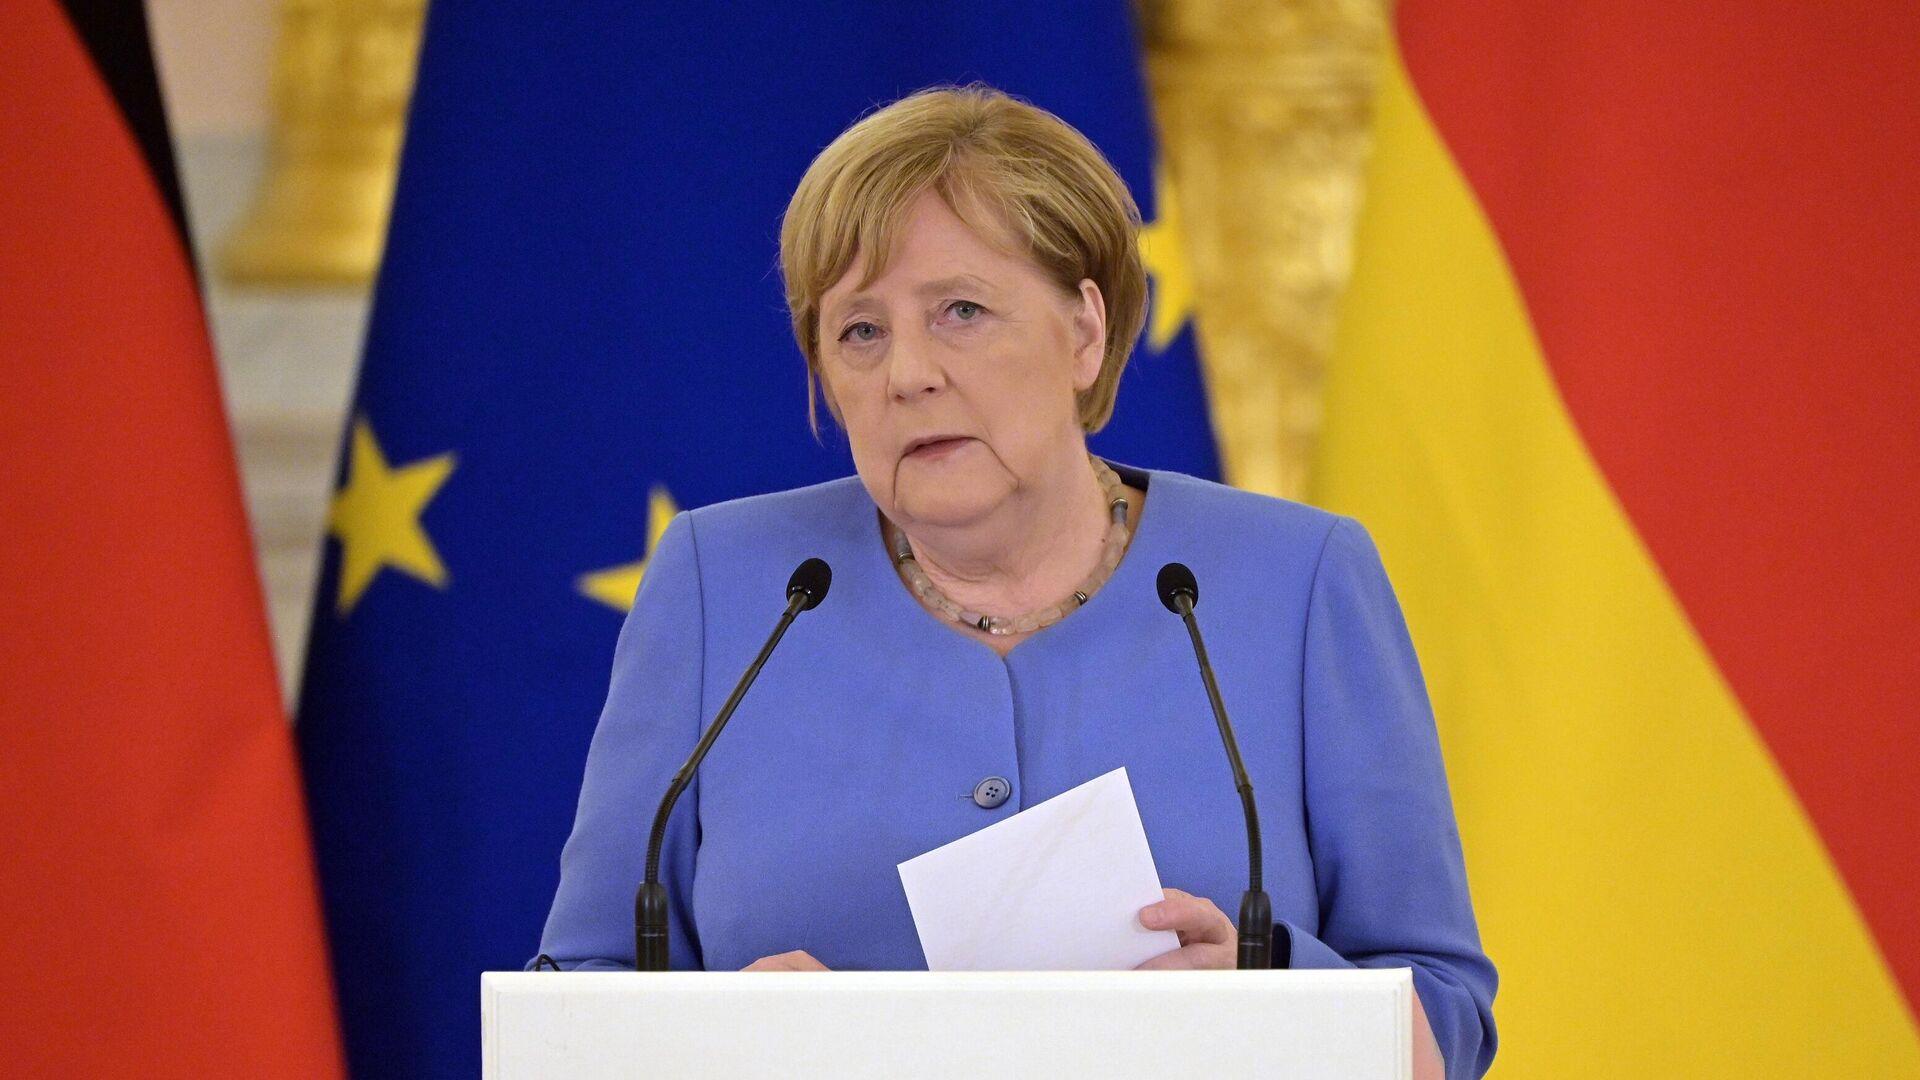 Федеральный канцлер Германии Ангела Меркель во время совместной с президентом РФ Владимиром Путиным пресс-конференции - РИА Новости, 1920, 11.09.2021